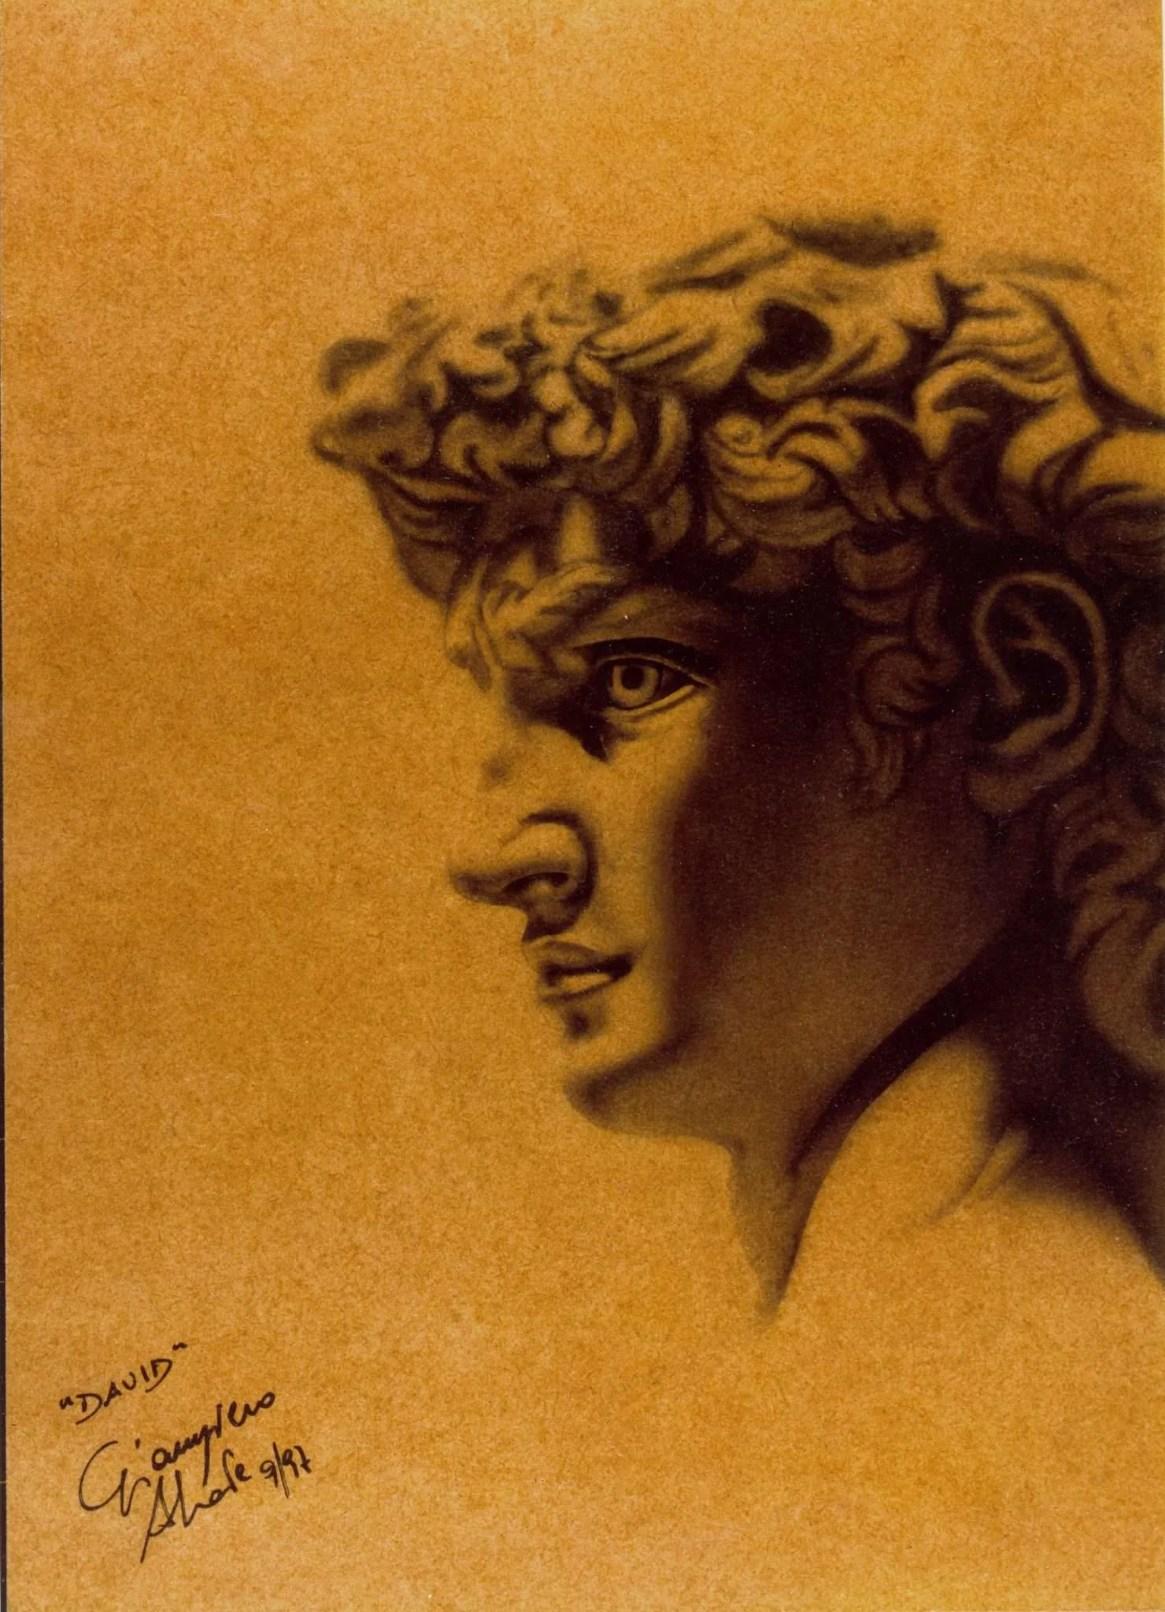 David - Acrilico su Masonite - 21x28 cm - 1997 - Giampiero Abate